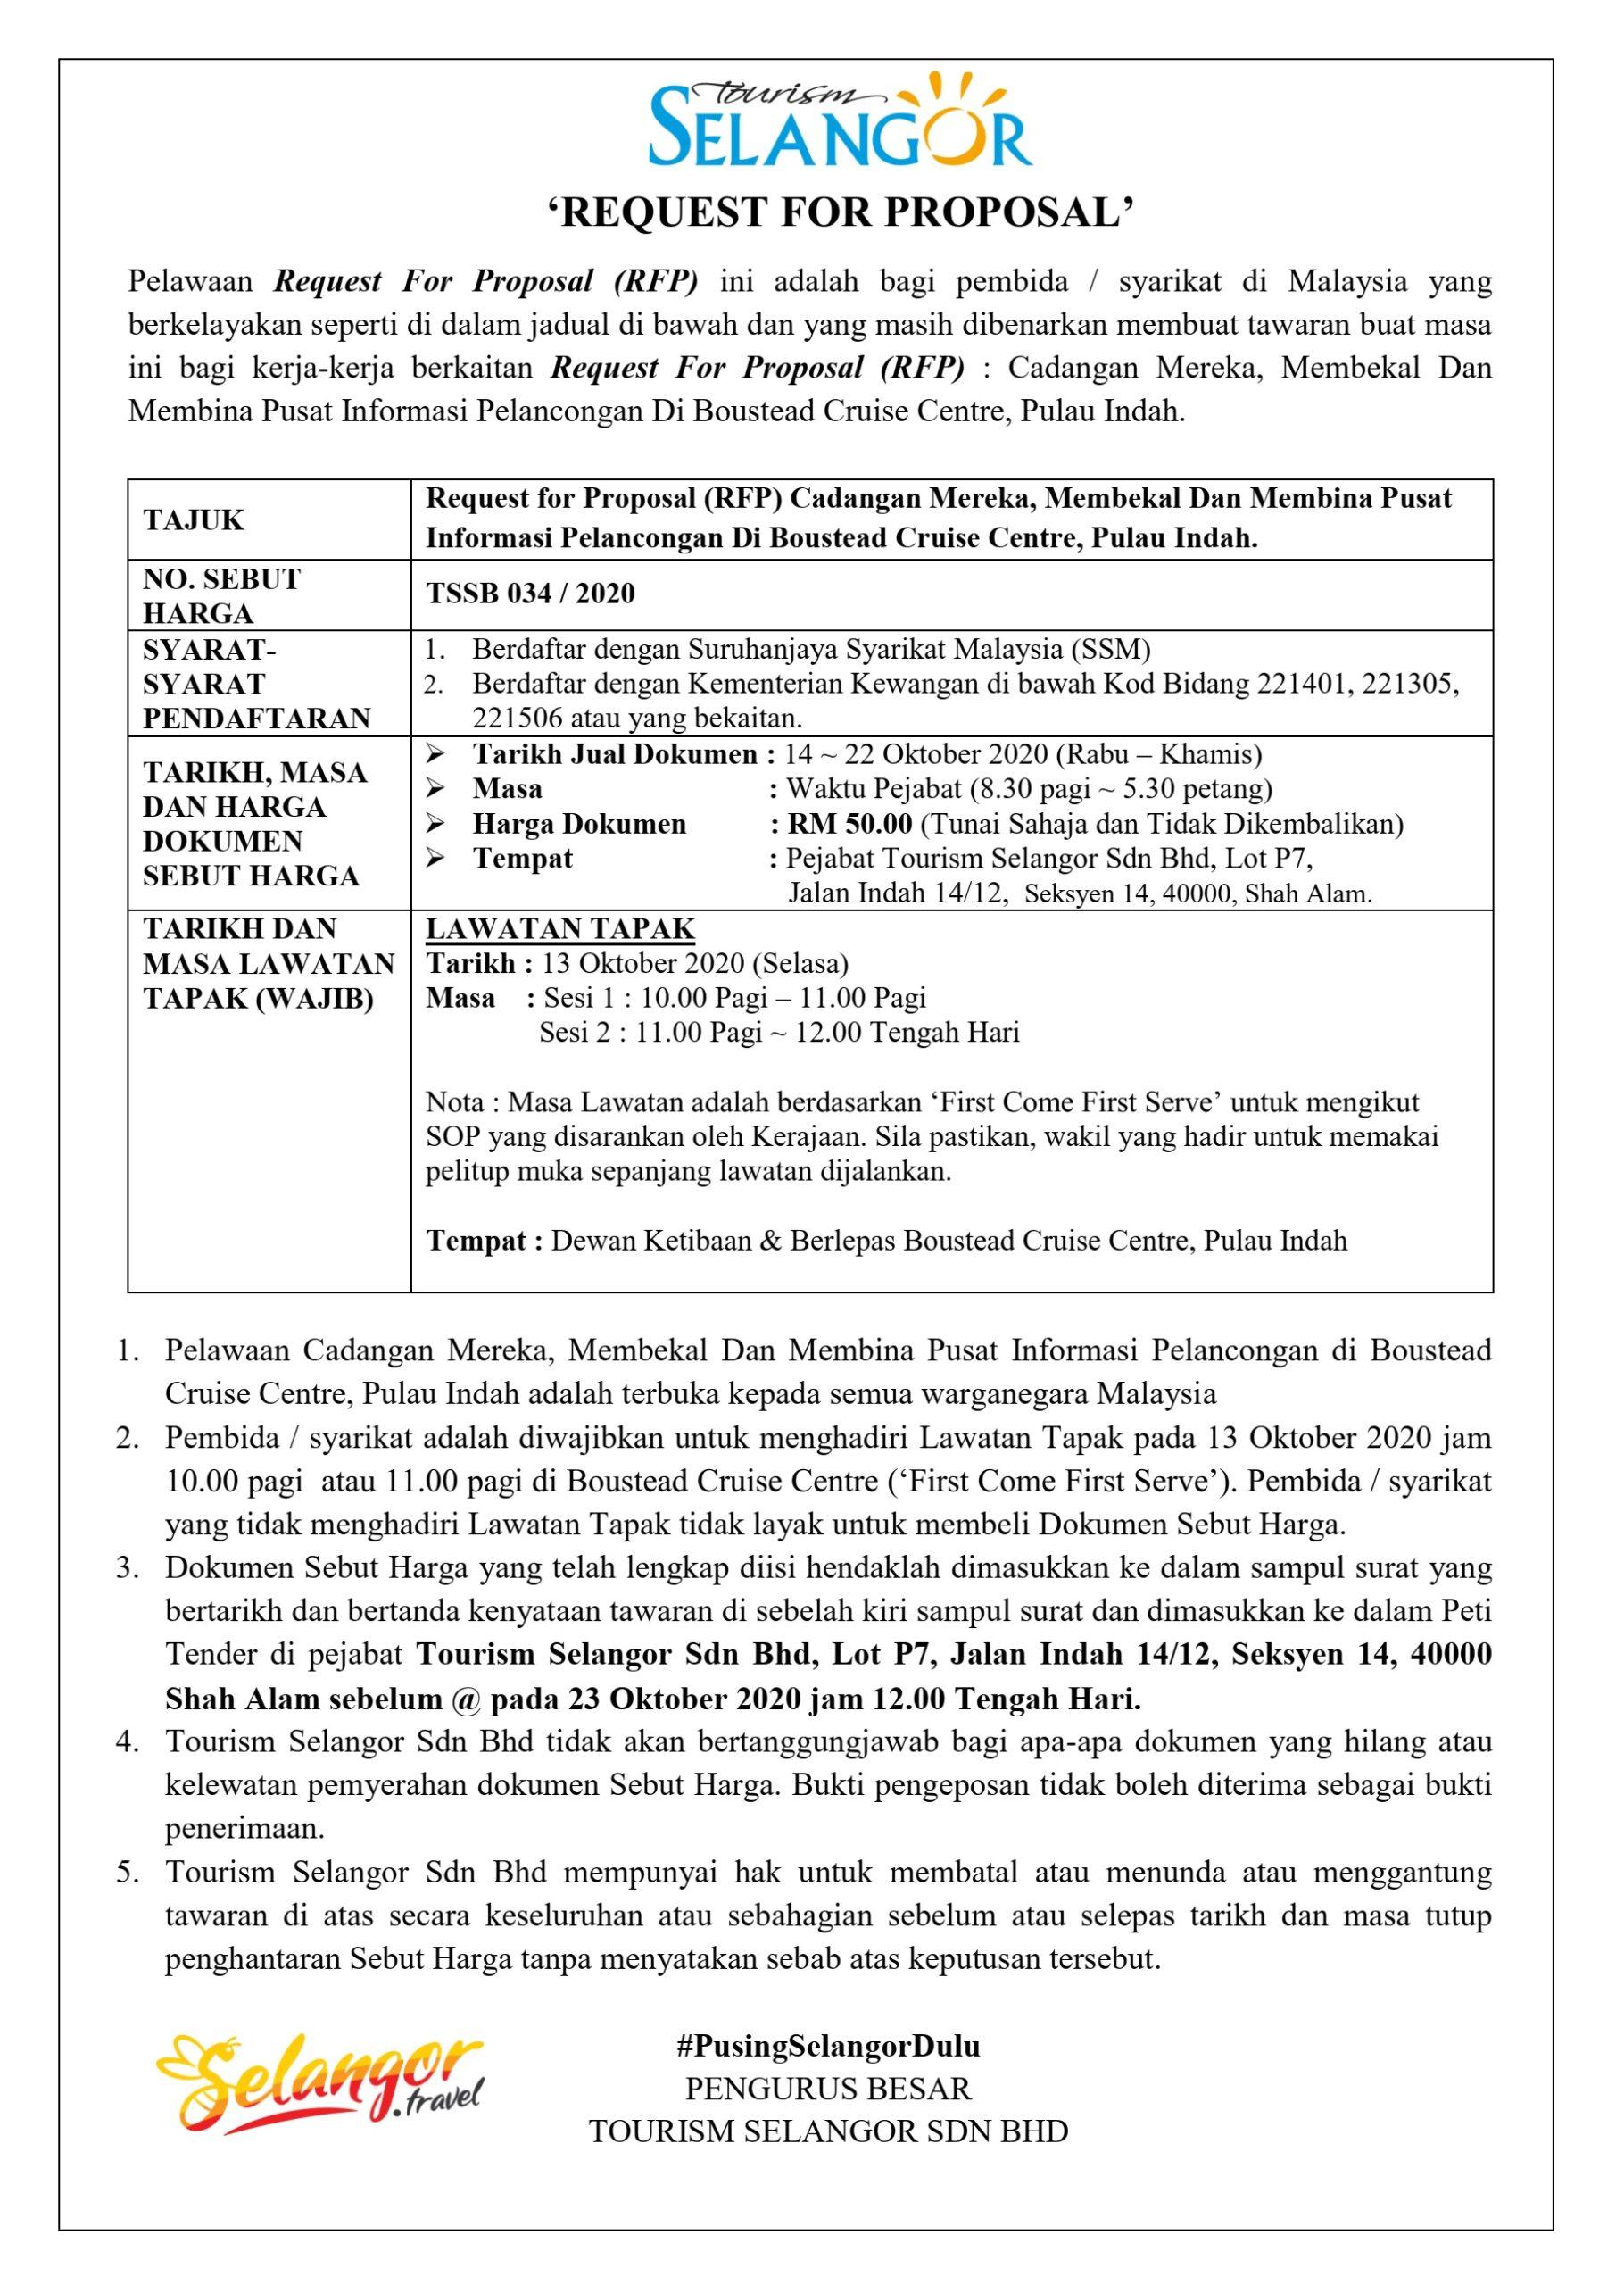 Tender Notice : TSSB 034 / 2020 1